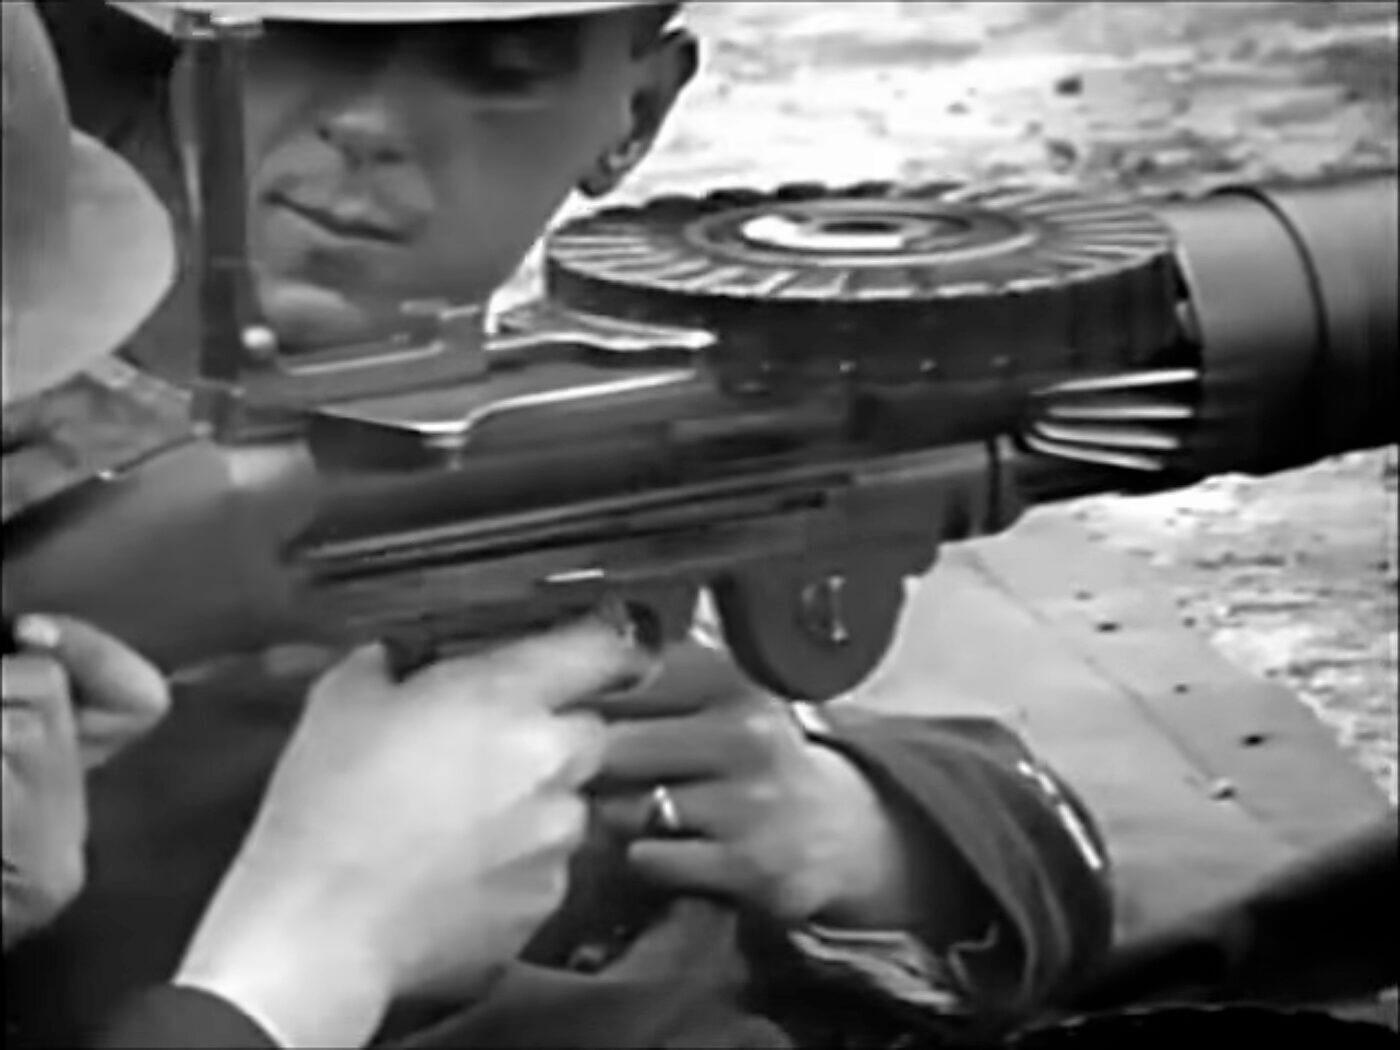 Lewis Machine Gun detail in movie